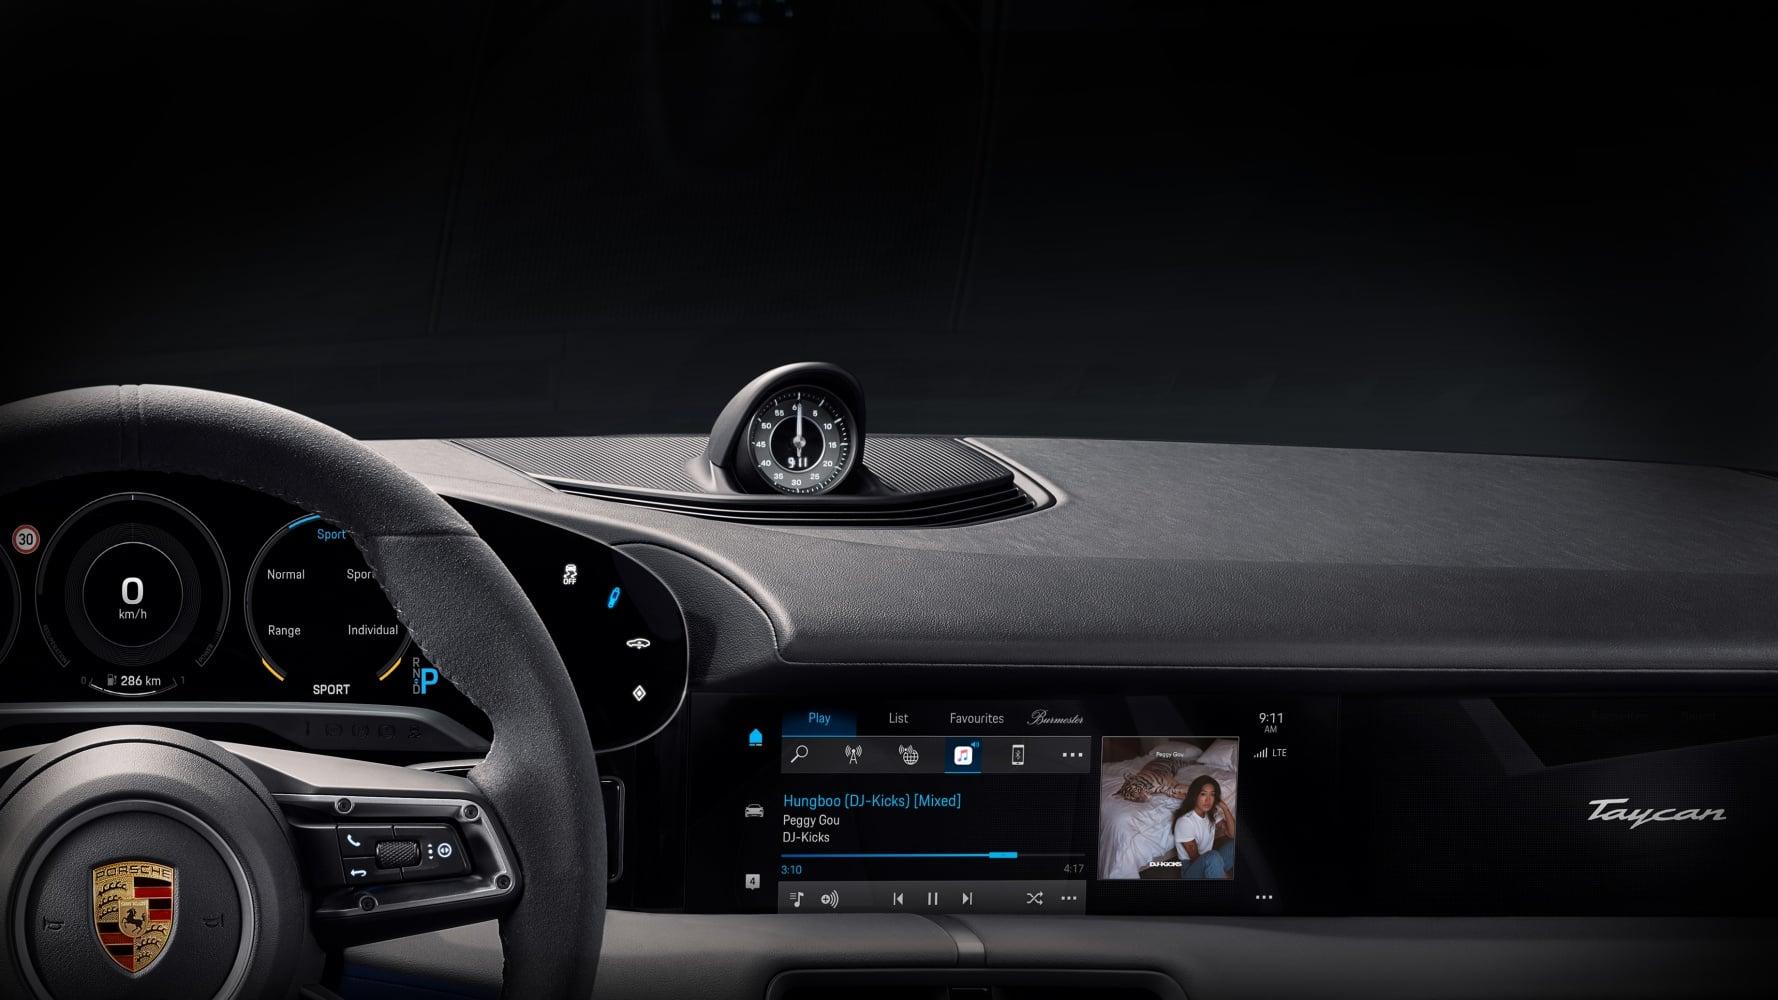 Porsche Taycan z natywną obsługą Apple Music. Poproszę takąfunkcję w innych samochodach